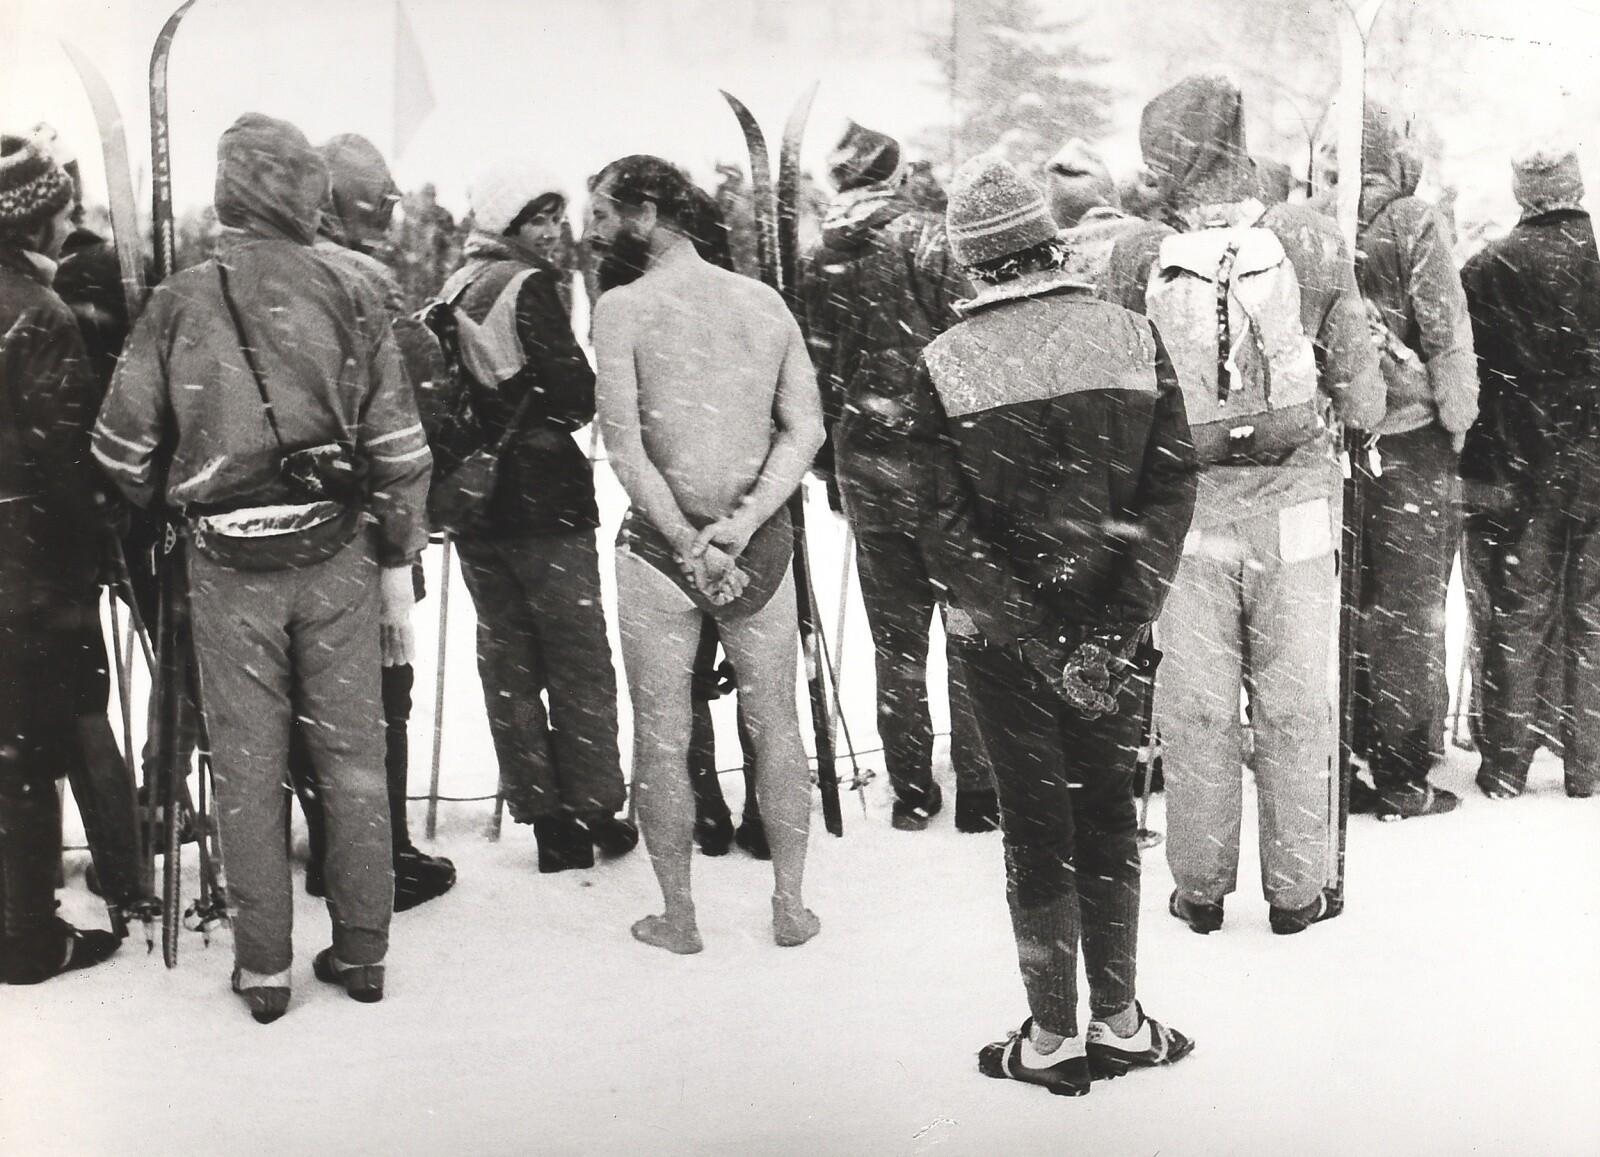 Мужчина в плавках среди зрителей лыжной гонки Йизерская падесатка, Чехия, 1978. Фотограф Франтишек Досталь